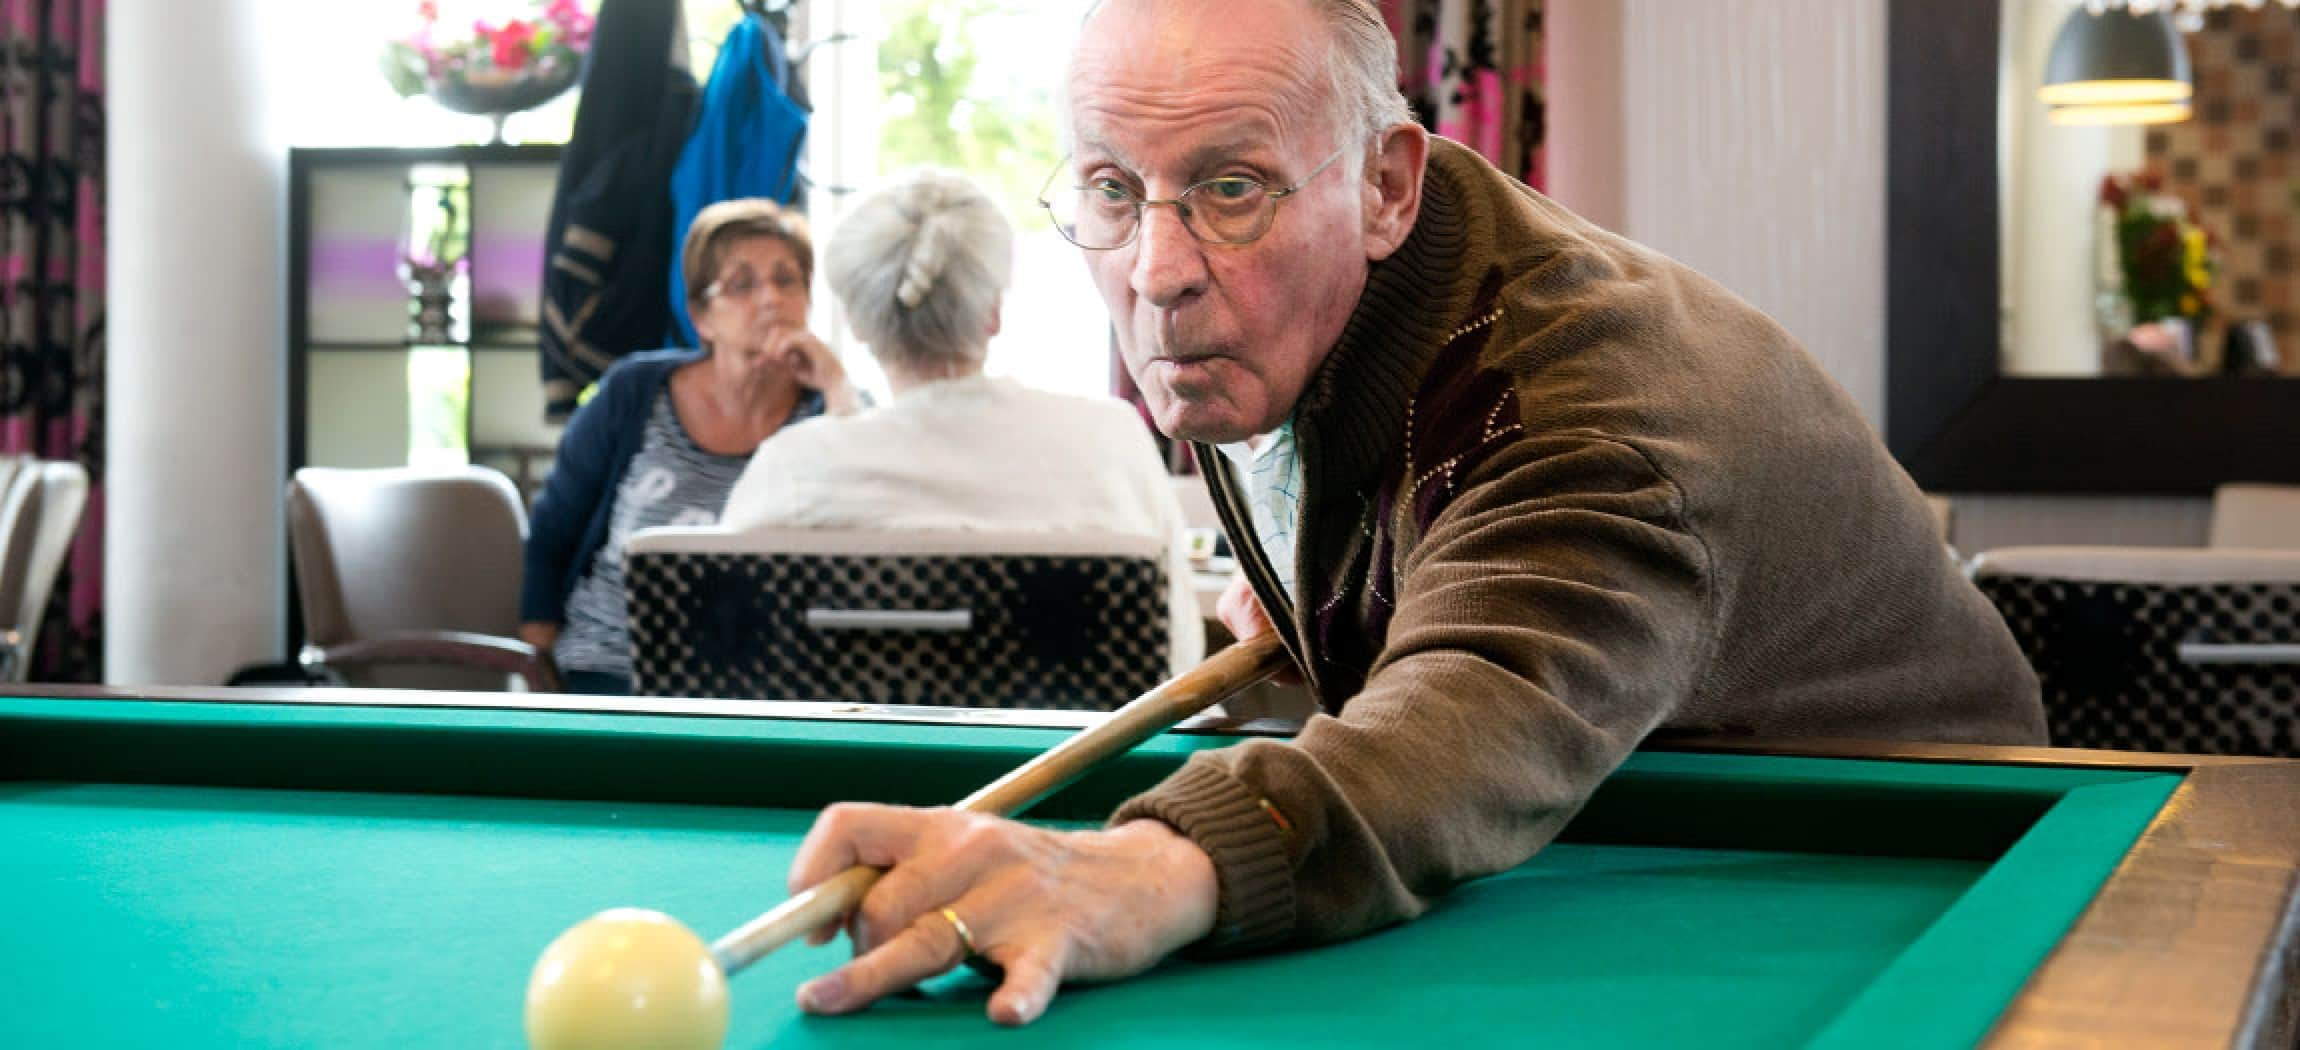 Oudere man bij biljarttafel met biljartkeu en biljartbal